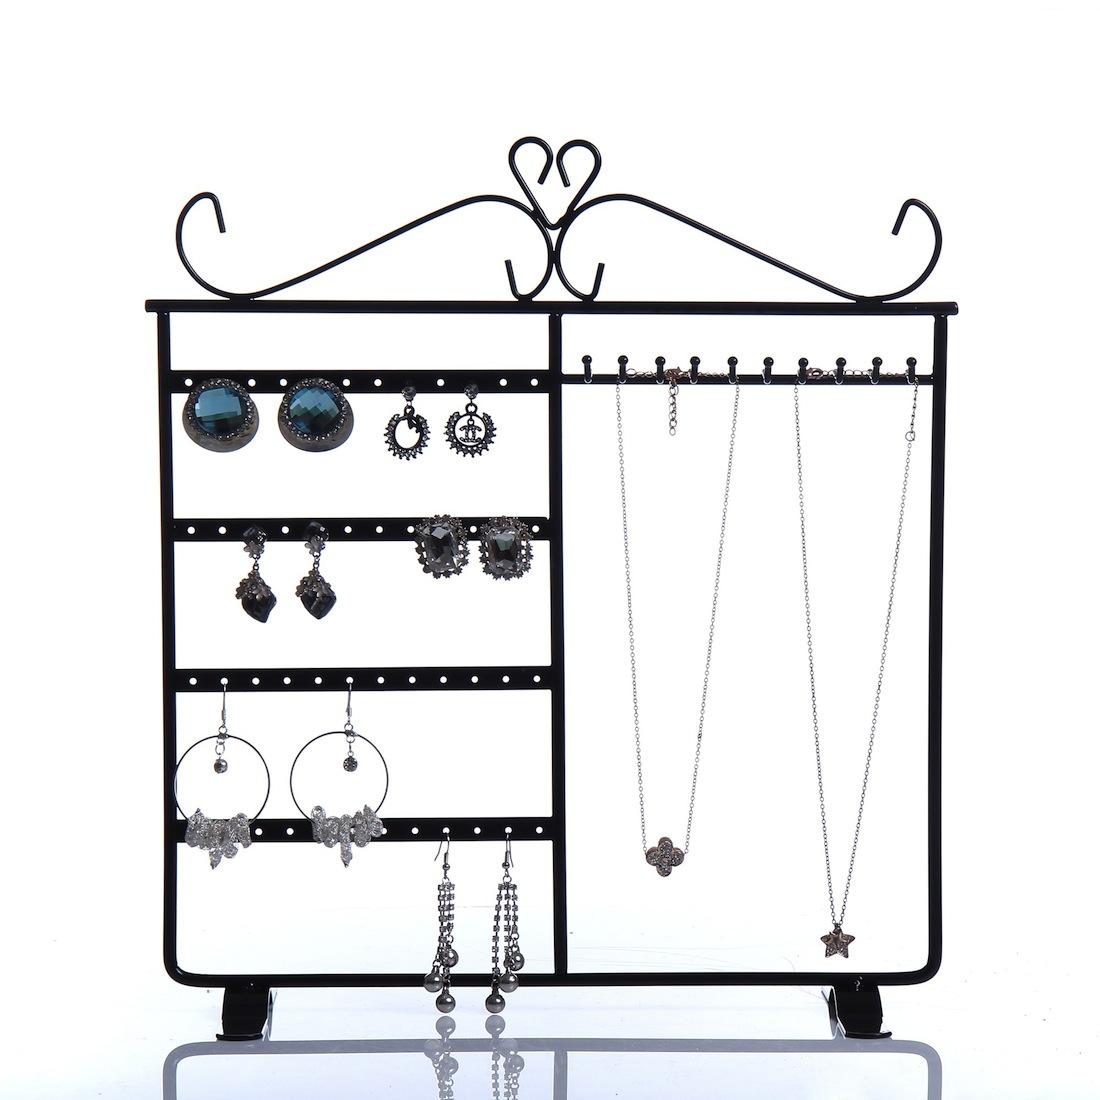 ピアス、ネックレスの両方を収納できるアクセサリースタンドです。 お家のアクセサリーの整理やお店での展示など幅広くご利用いただけます。